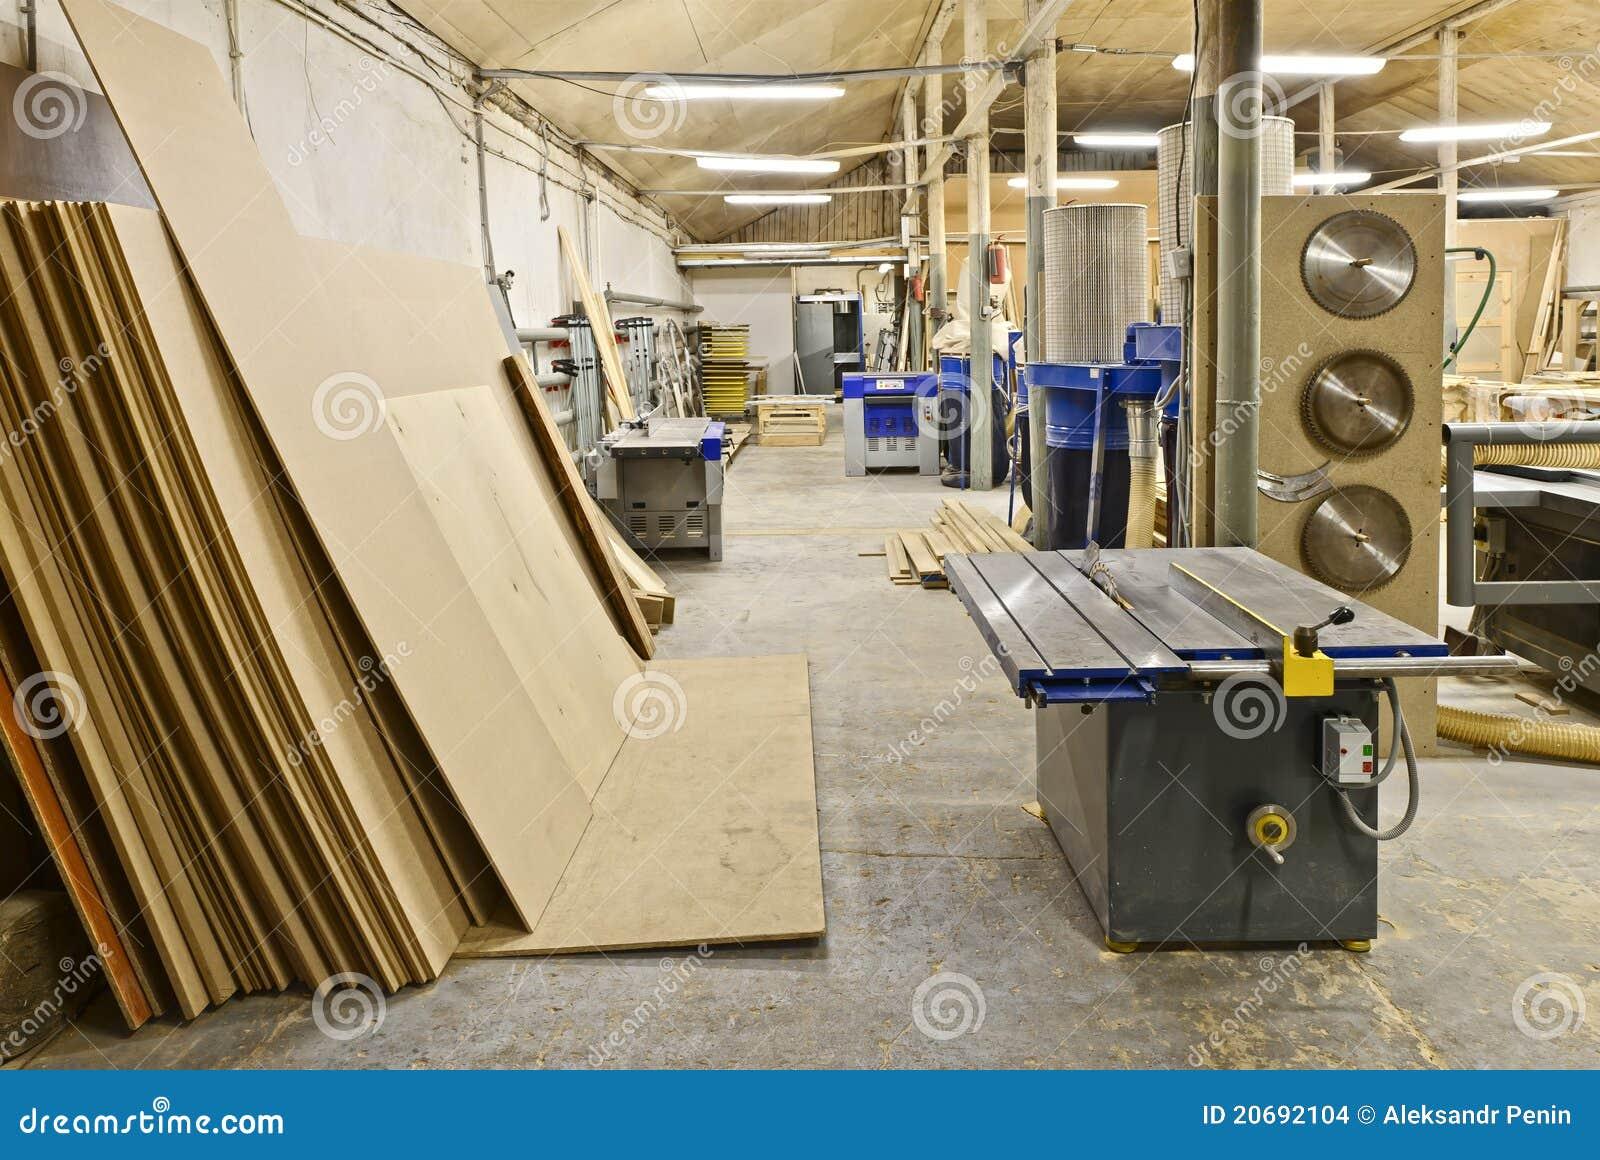 Una planta para la fabricaci n de los muebles foto de for Software fabricacion de muebles